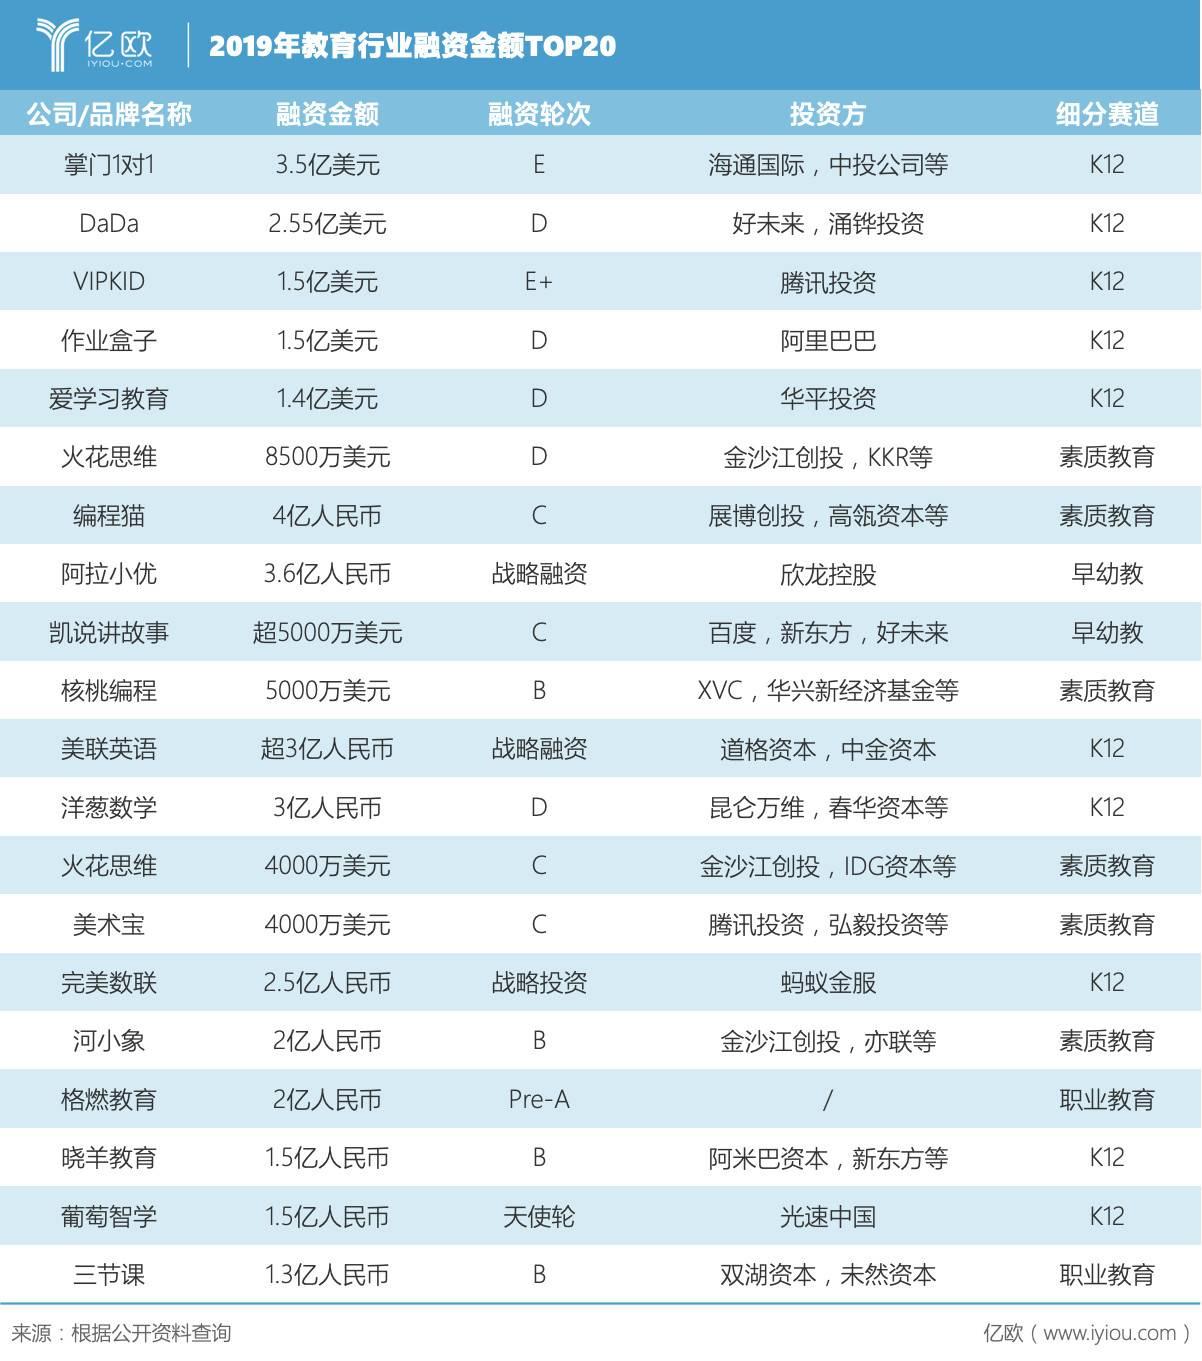 2019年哺育走业融资金额排名TOP20的企业